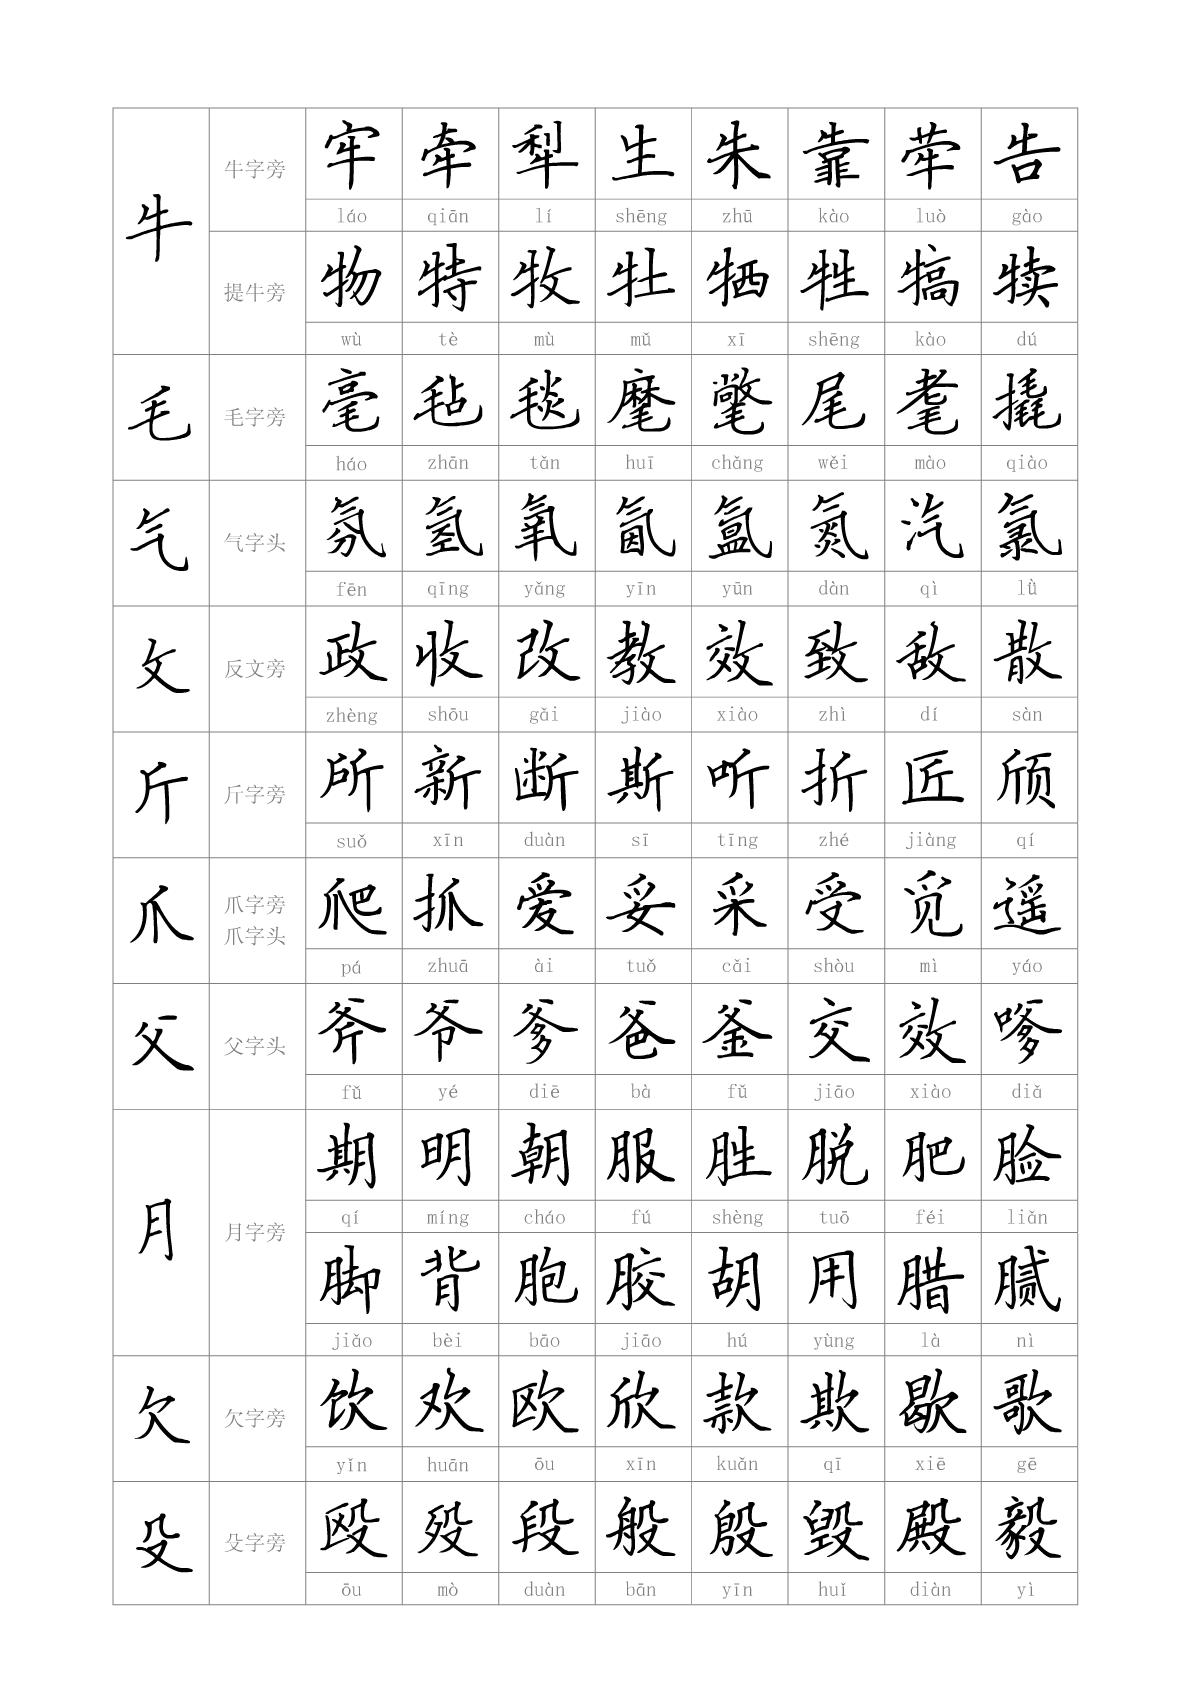 当前第12页) 你可能喜欢 汉字偏旁部首表 漂亮的字 硬笔楷书笔画图片